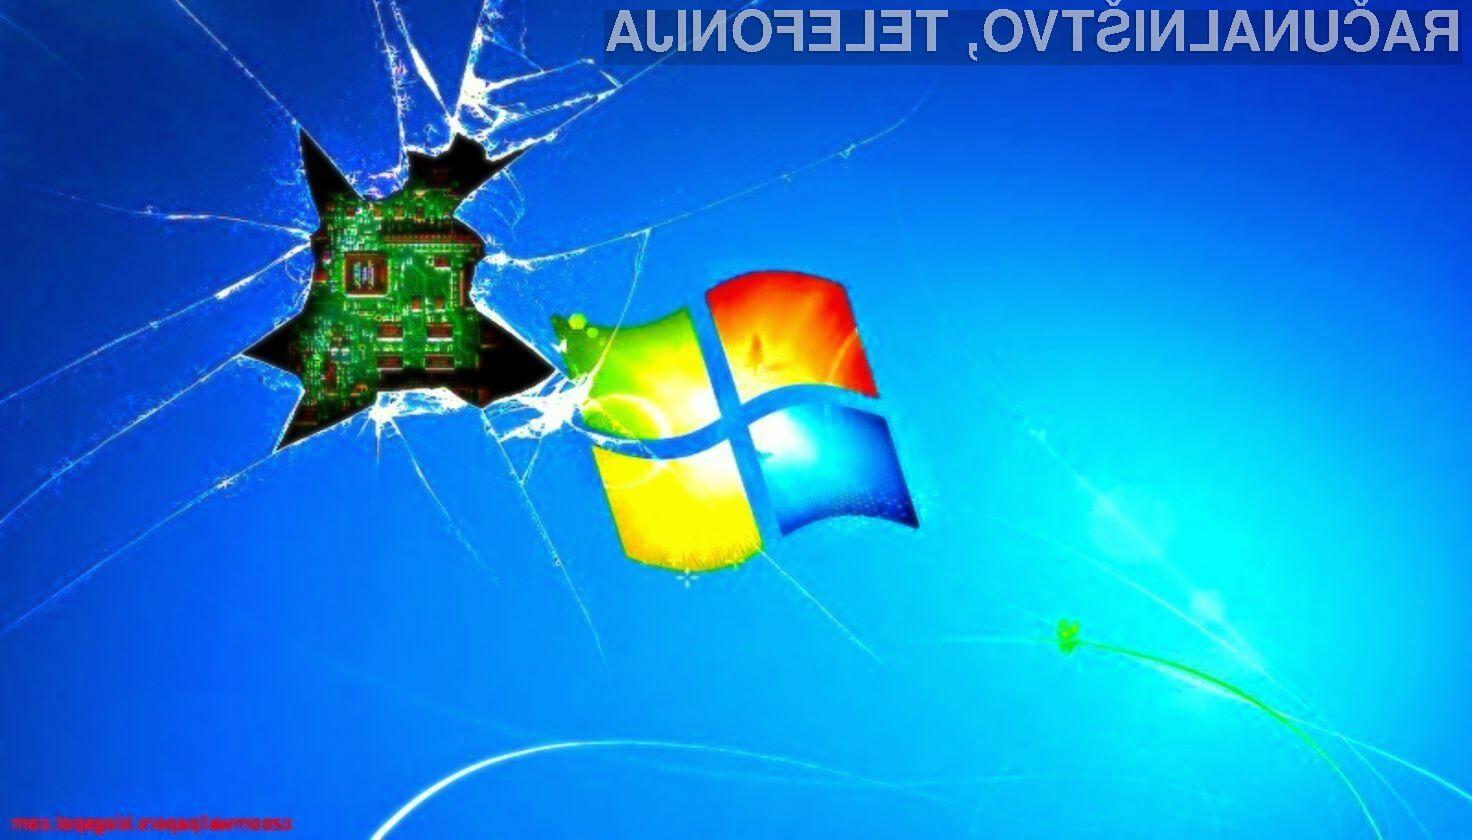 Številni uporabniki Windowsa 7 so z novo posodobitvijo ostali brez možnosti zaustavitve sistema.